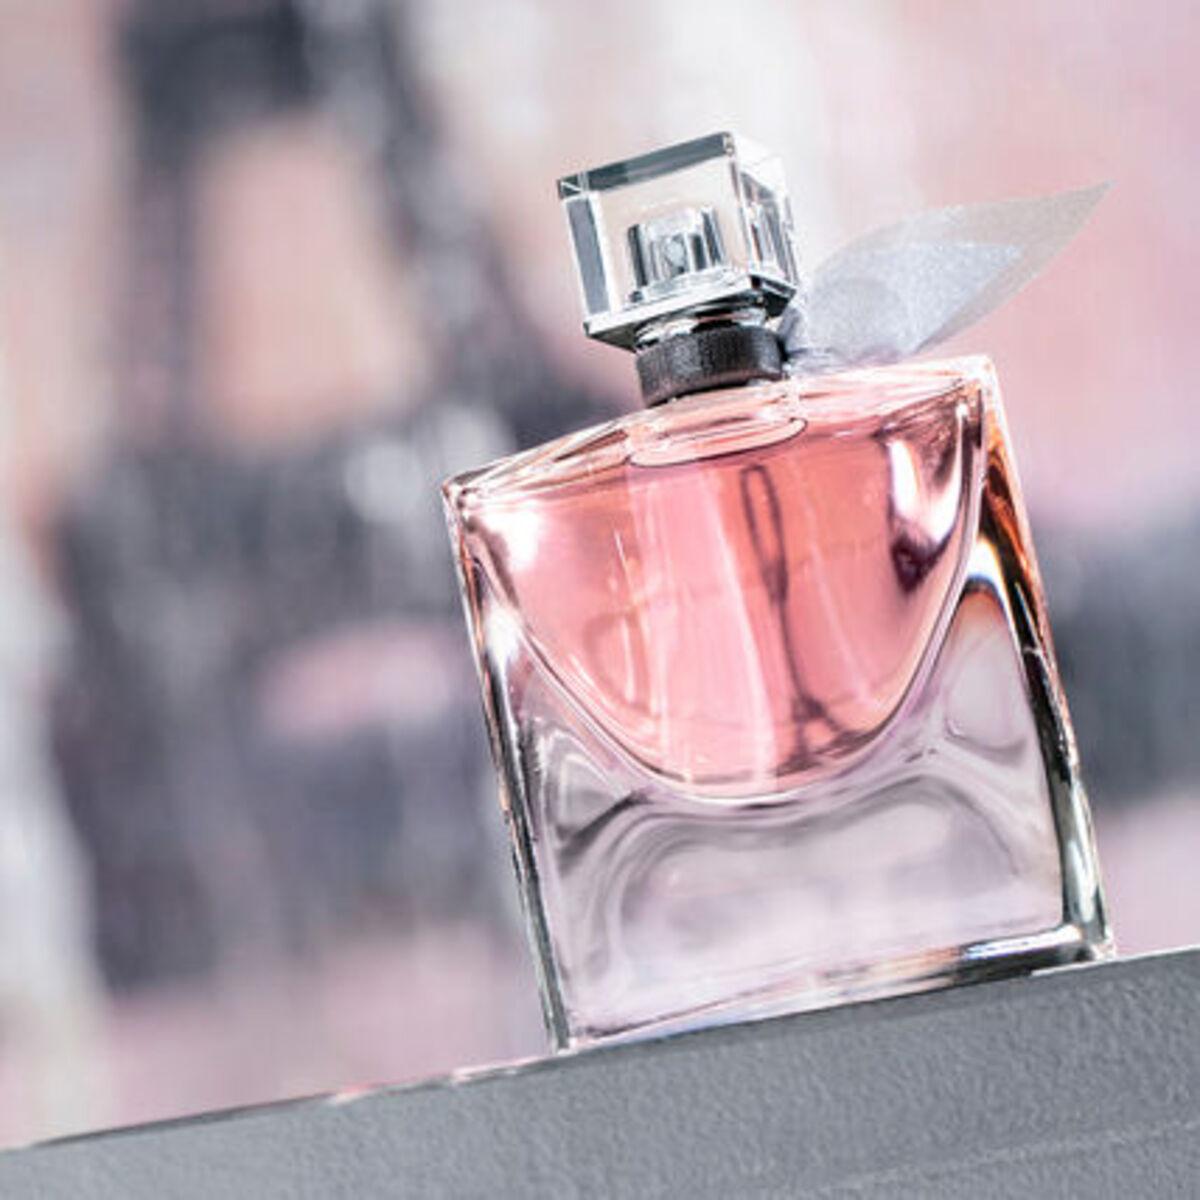 Bild 4 von Lancôme La vie est belle, Eau de Parfum, 100 ml